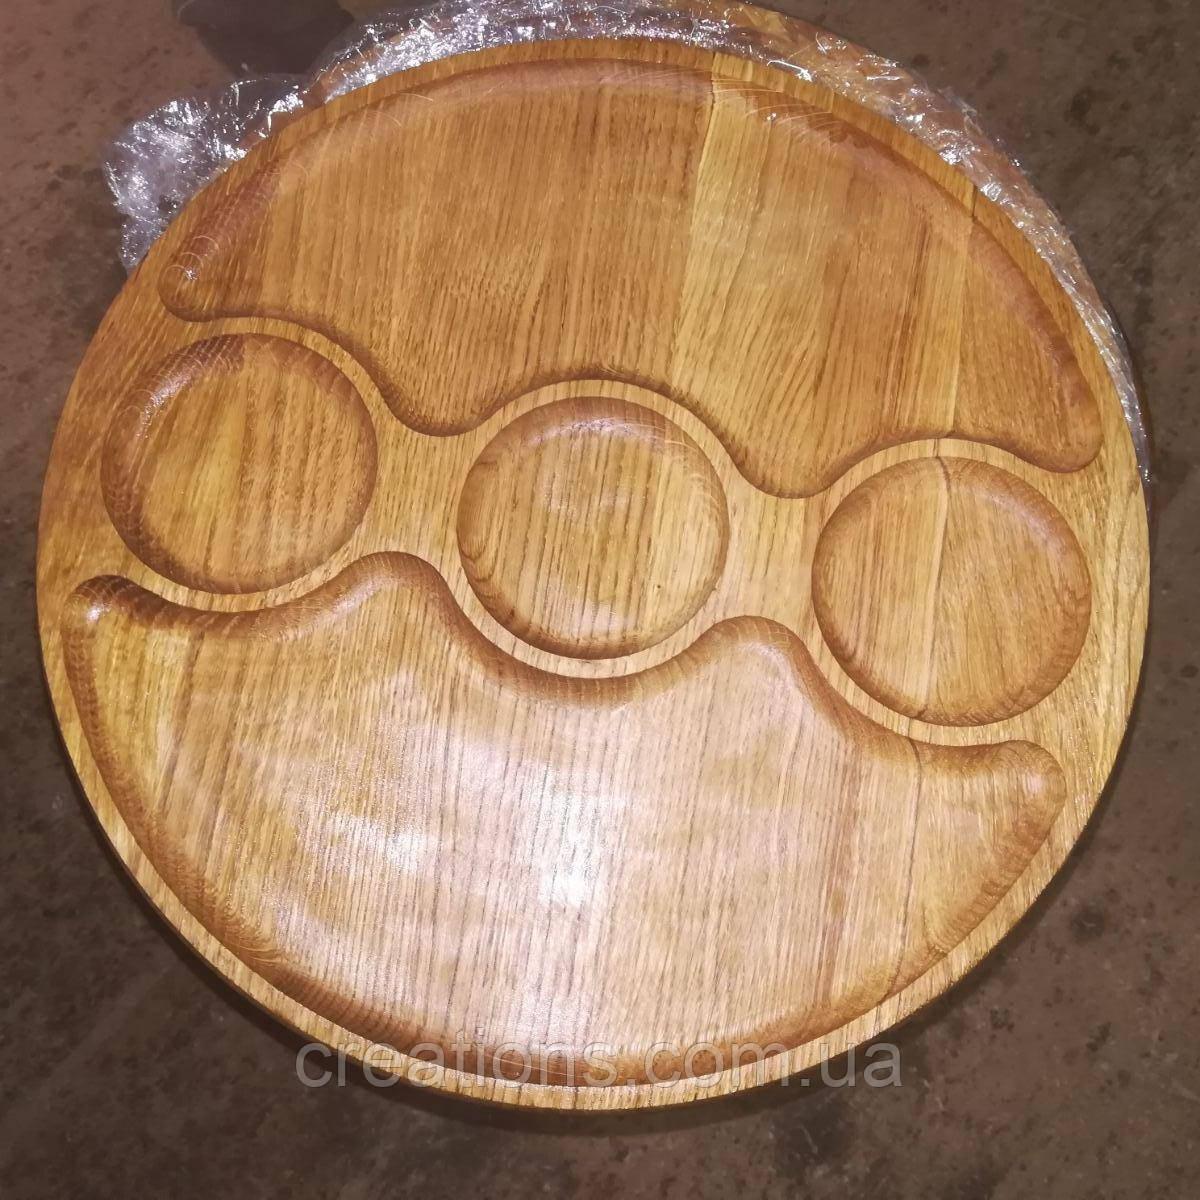 Менажница деревянная 30 см. круглая на 3 деления с тремя соусницами из черешни, ясеня